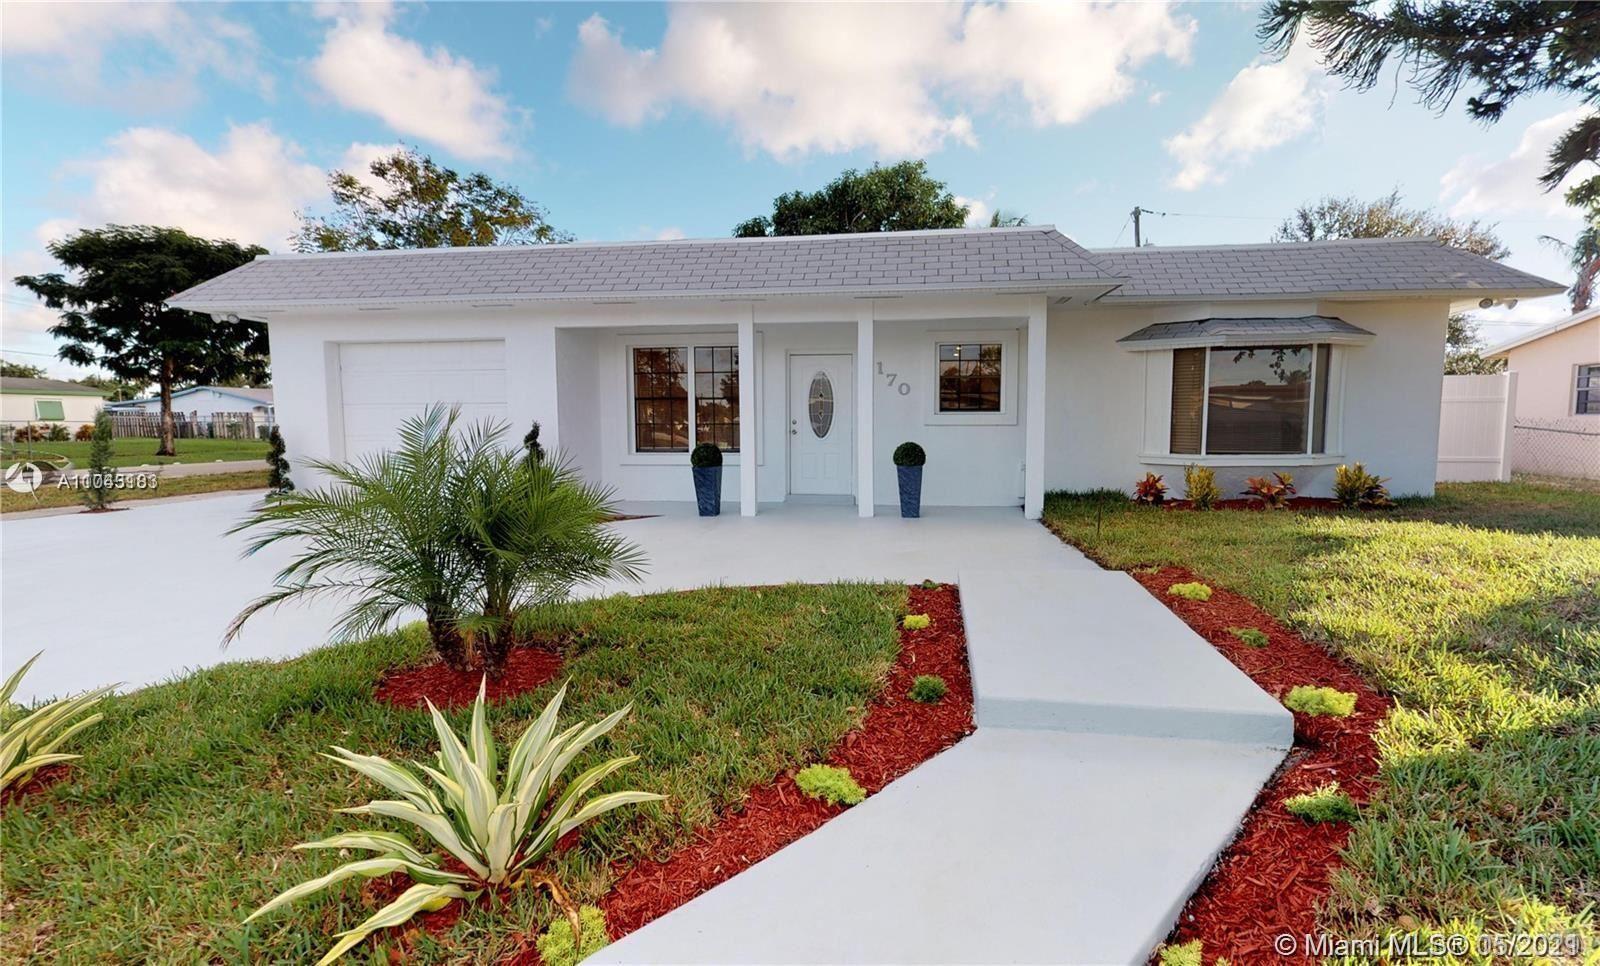 1170 NE 212th Ter, Miami, FL 33179 - #: A11043183